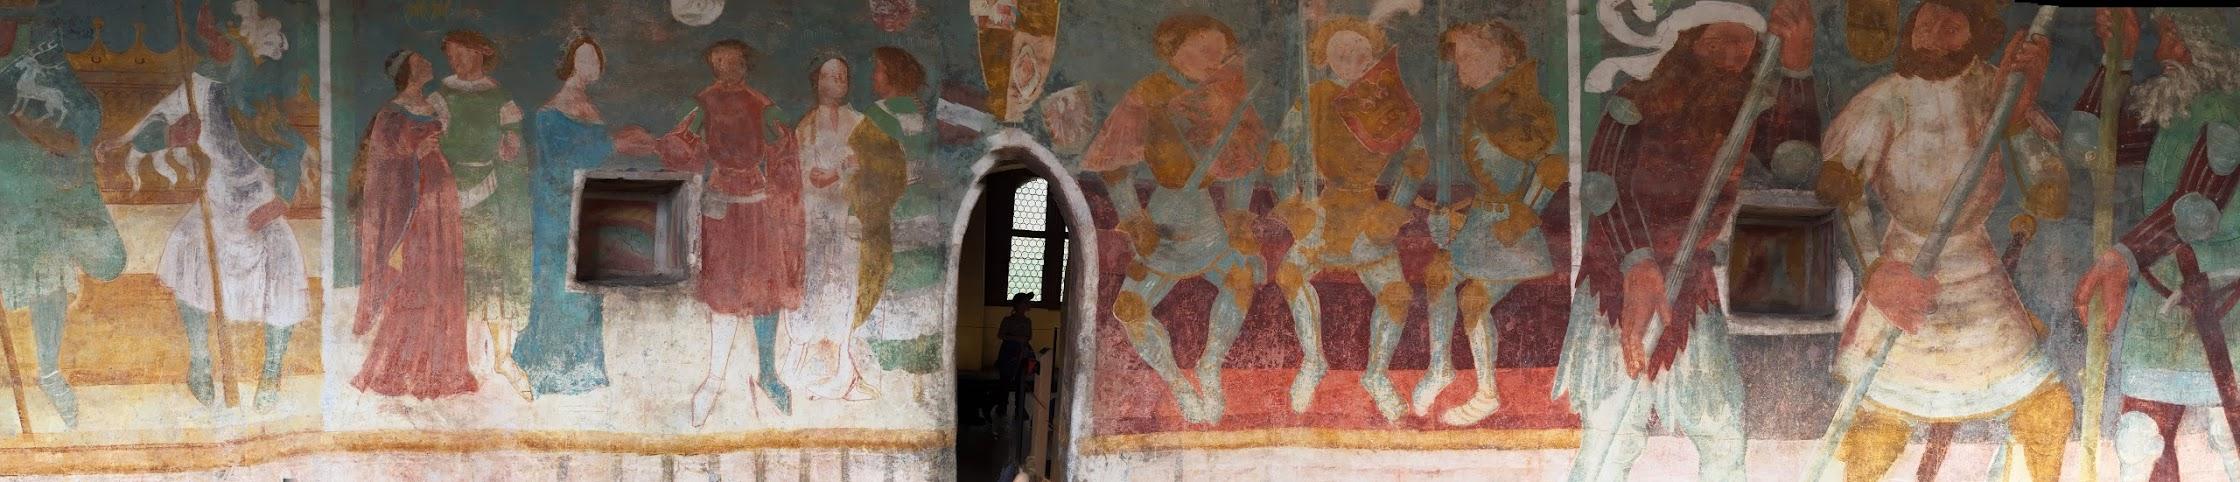 Ausschnitt aus dem Triadenfrresko mit ganz rechts den Riesen Otnit und Struthan, Schloss Runkestein (Foto: TH, leider etwas verzerrt)